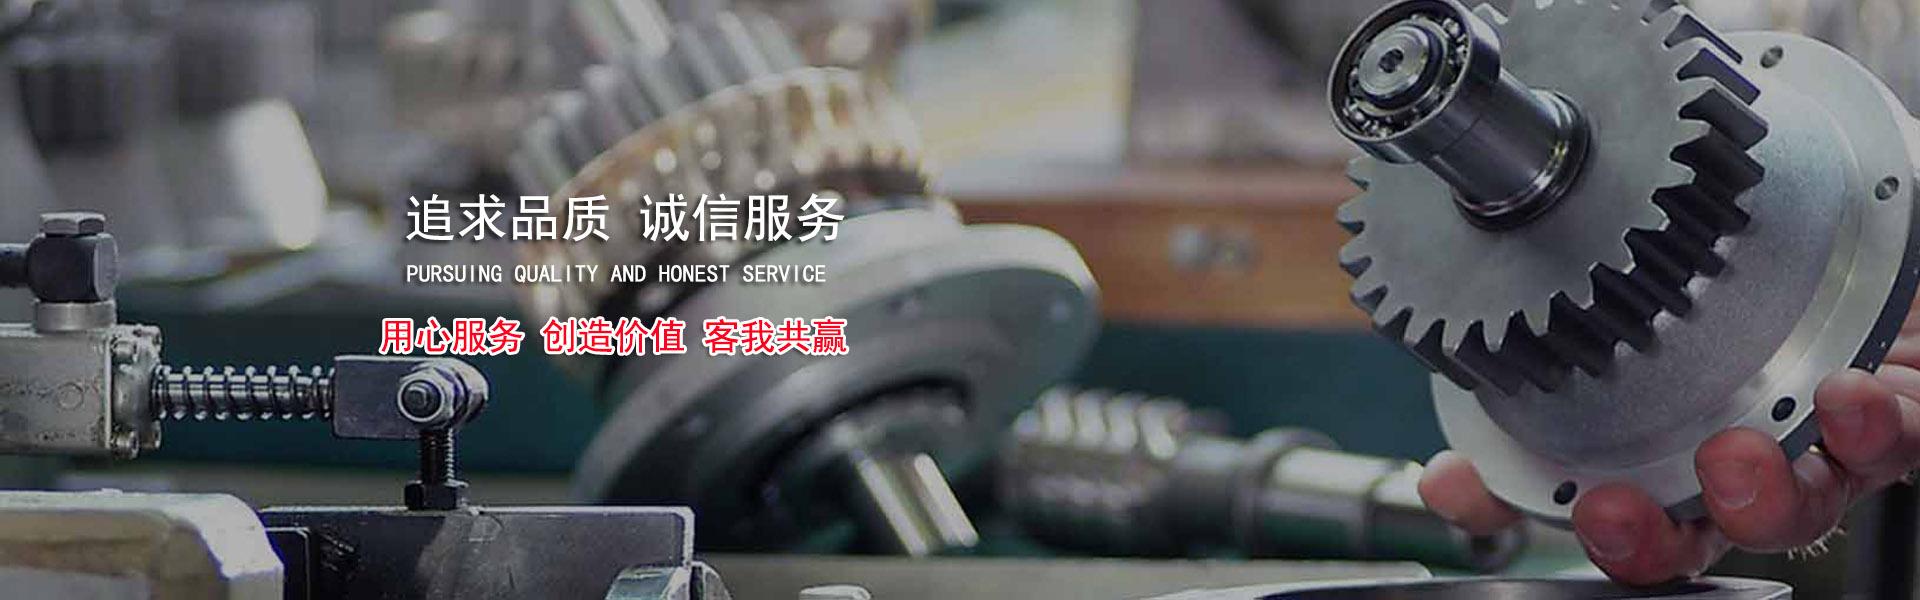 杨浦平面磨床销售